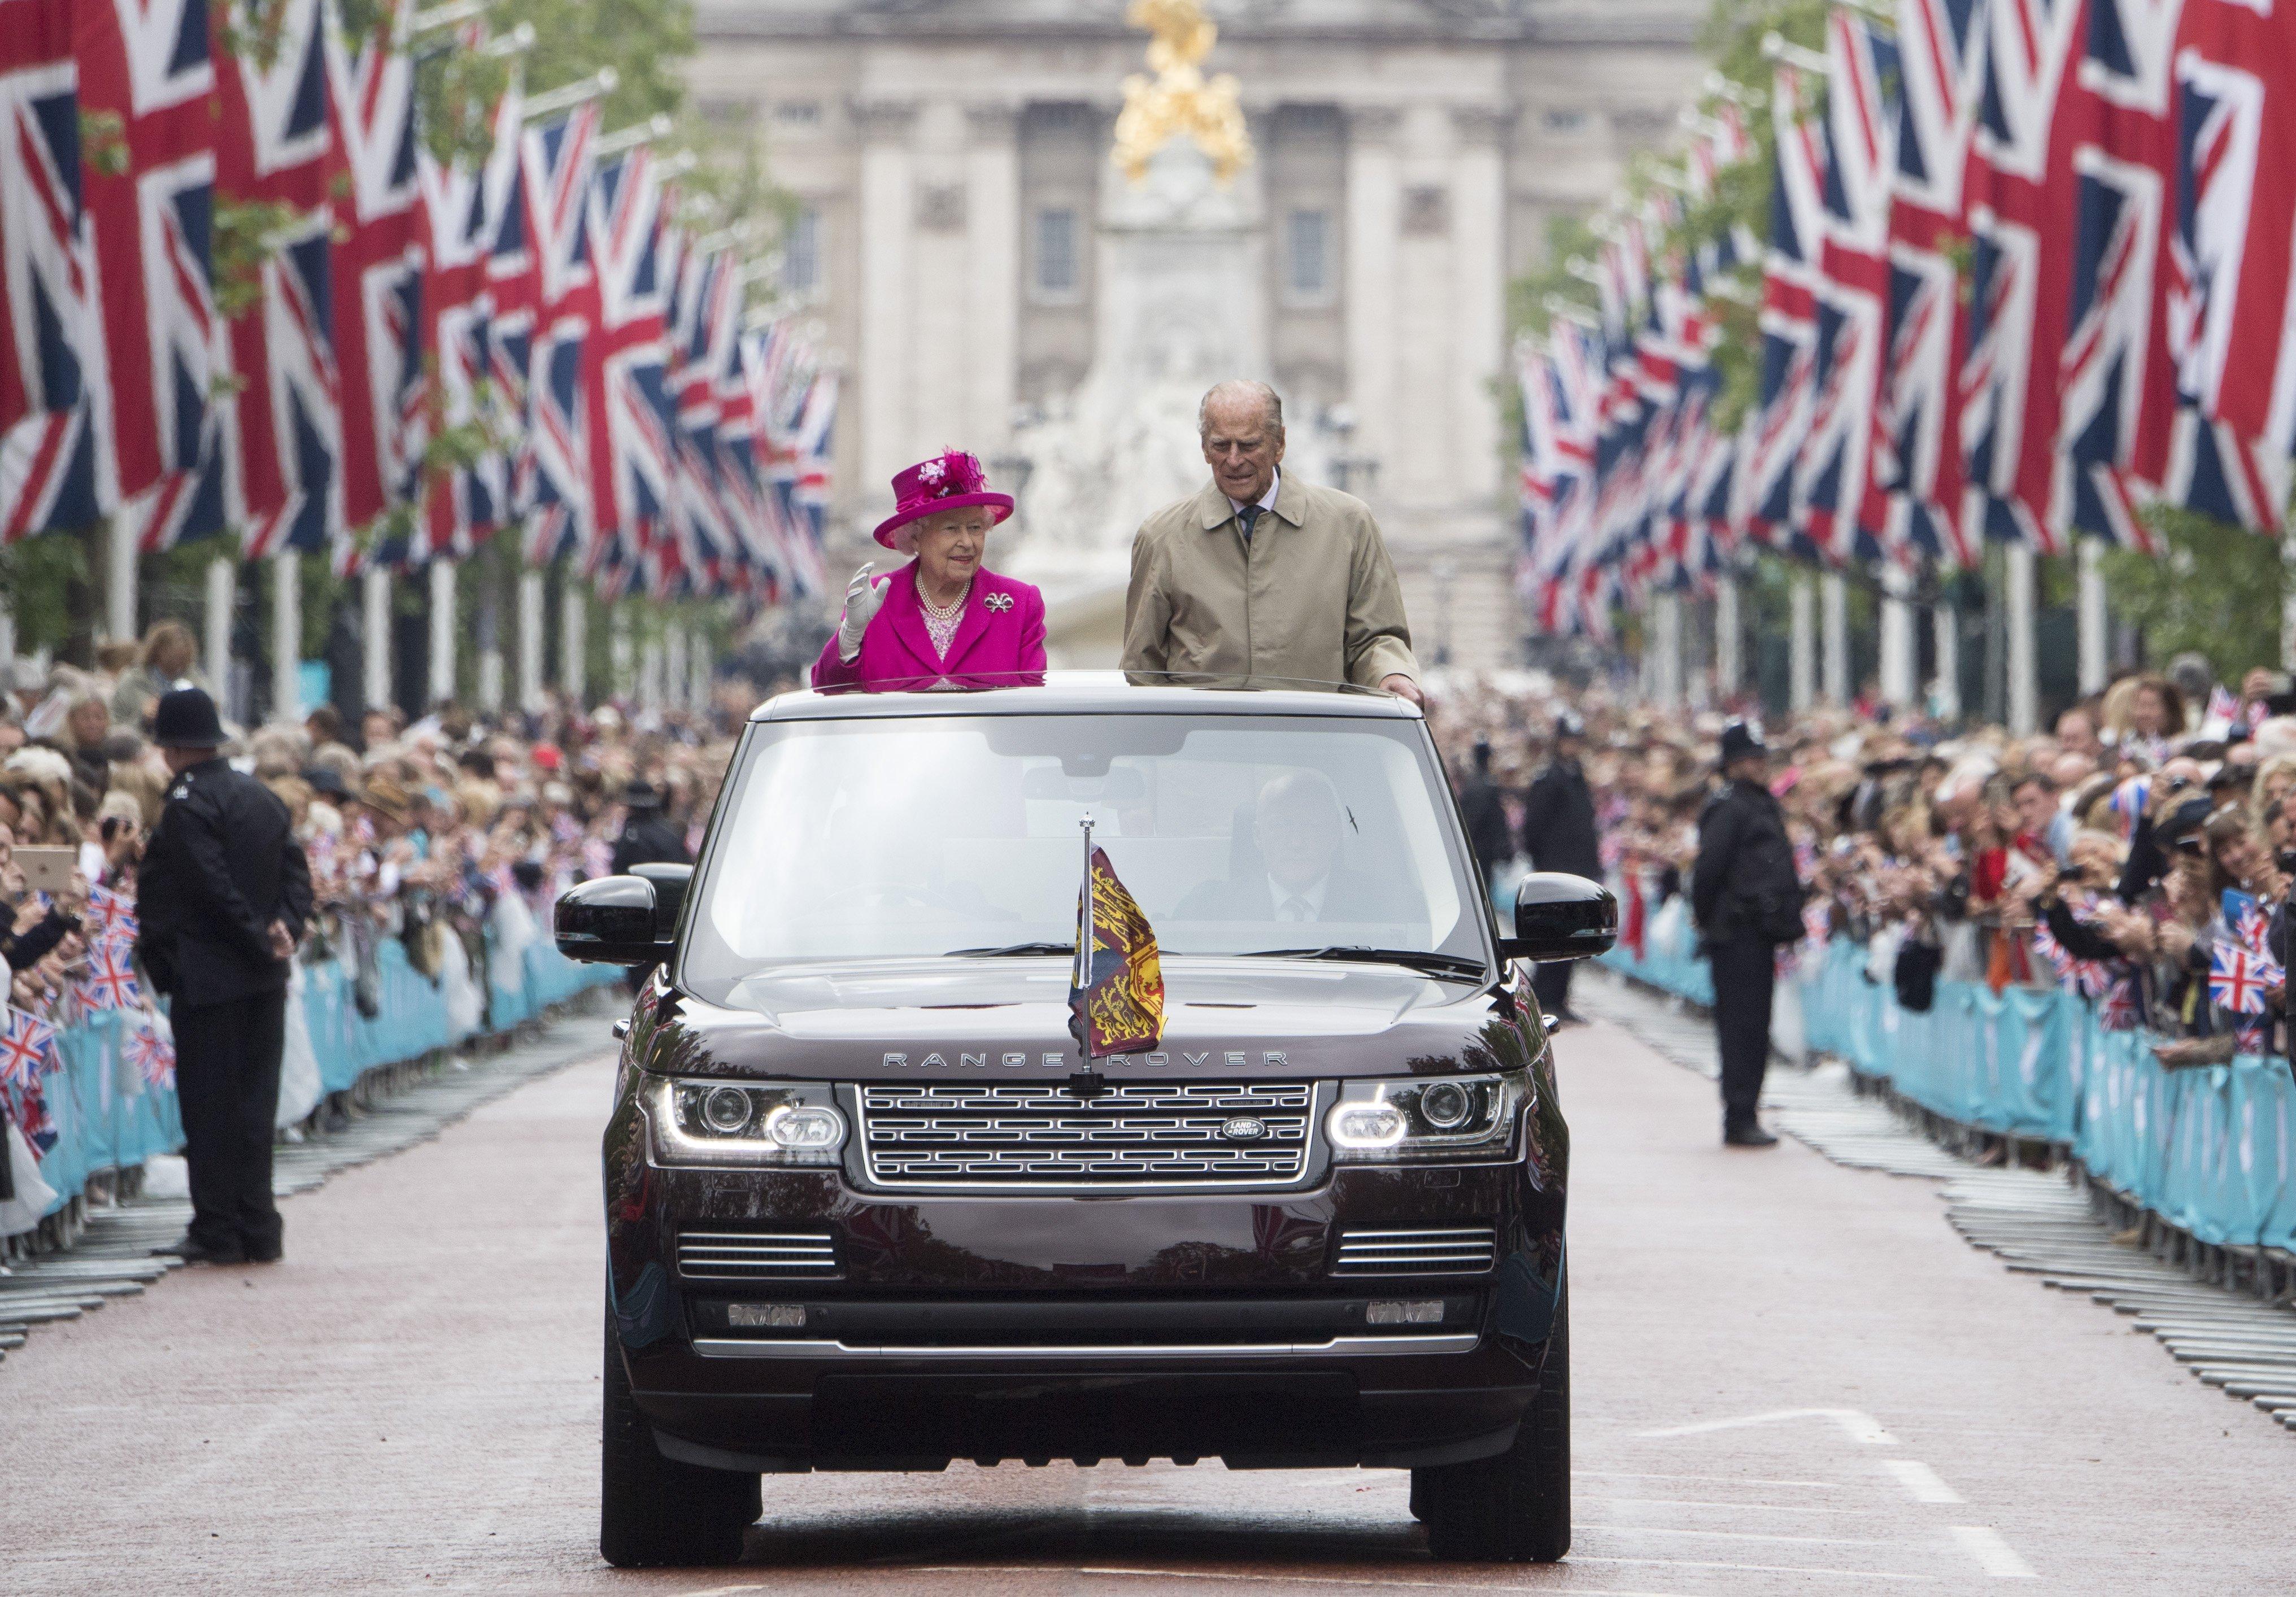 La reine Elizabeth II et le prince Philip, duc d'Édimbourg, saluent les invités qui assistent aux célébrations du 90e anniversaire de la Reine le 12 juin 2016 au Mall de Londres, en Angleterre. | Photo : Getty Images.